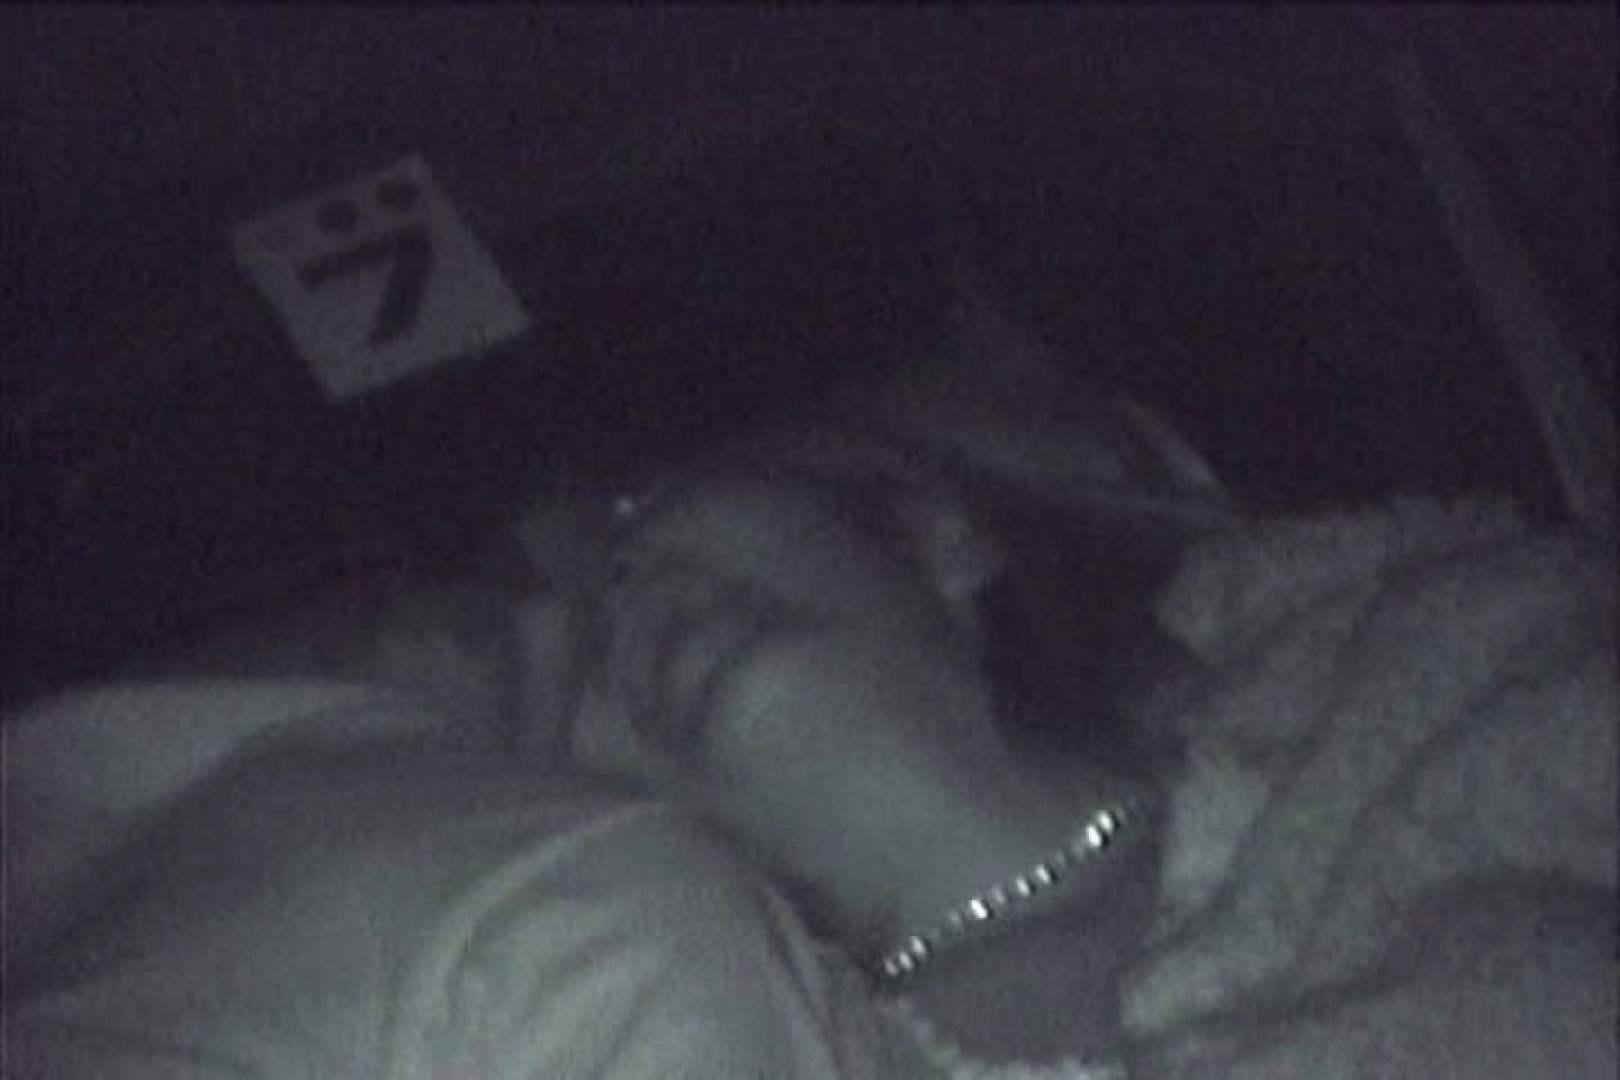 車の中はラブホテル 無修正版  Vol.21 カップル おまんこ動画流出 83pic 3